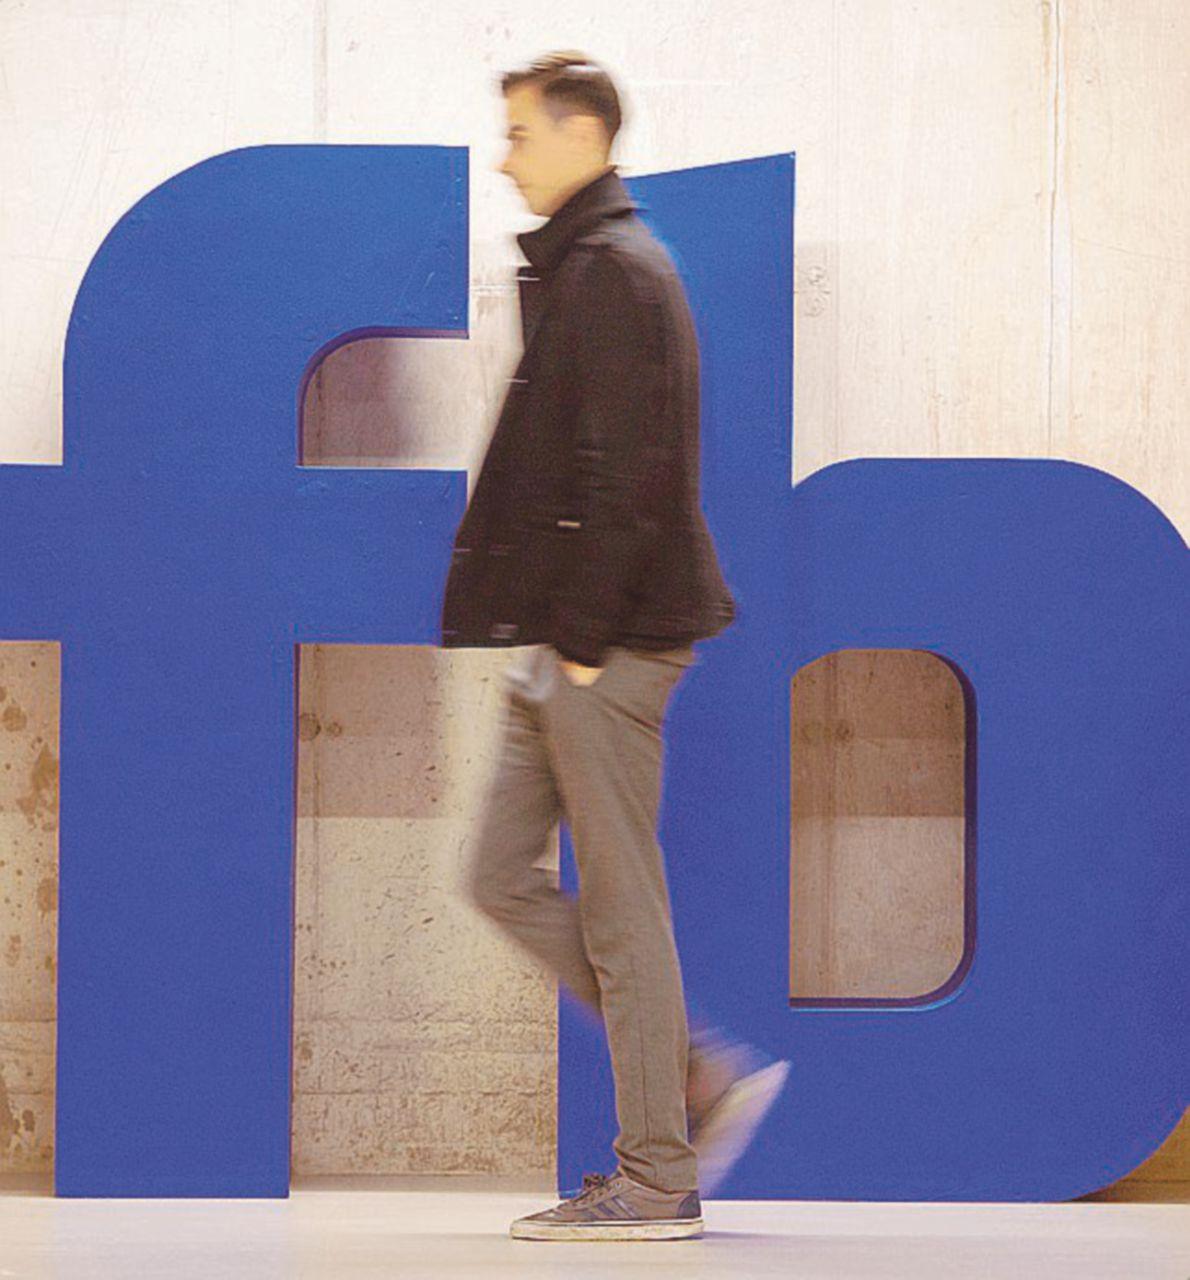 Il Mea culpa su facebook non ci salverà